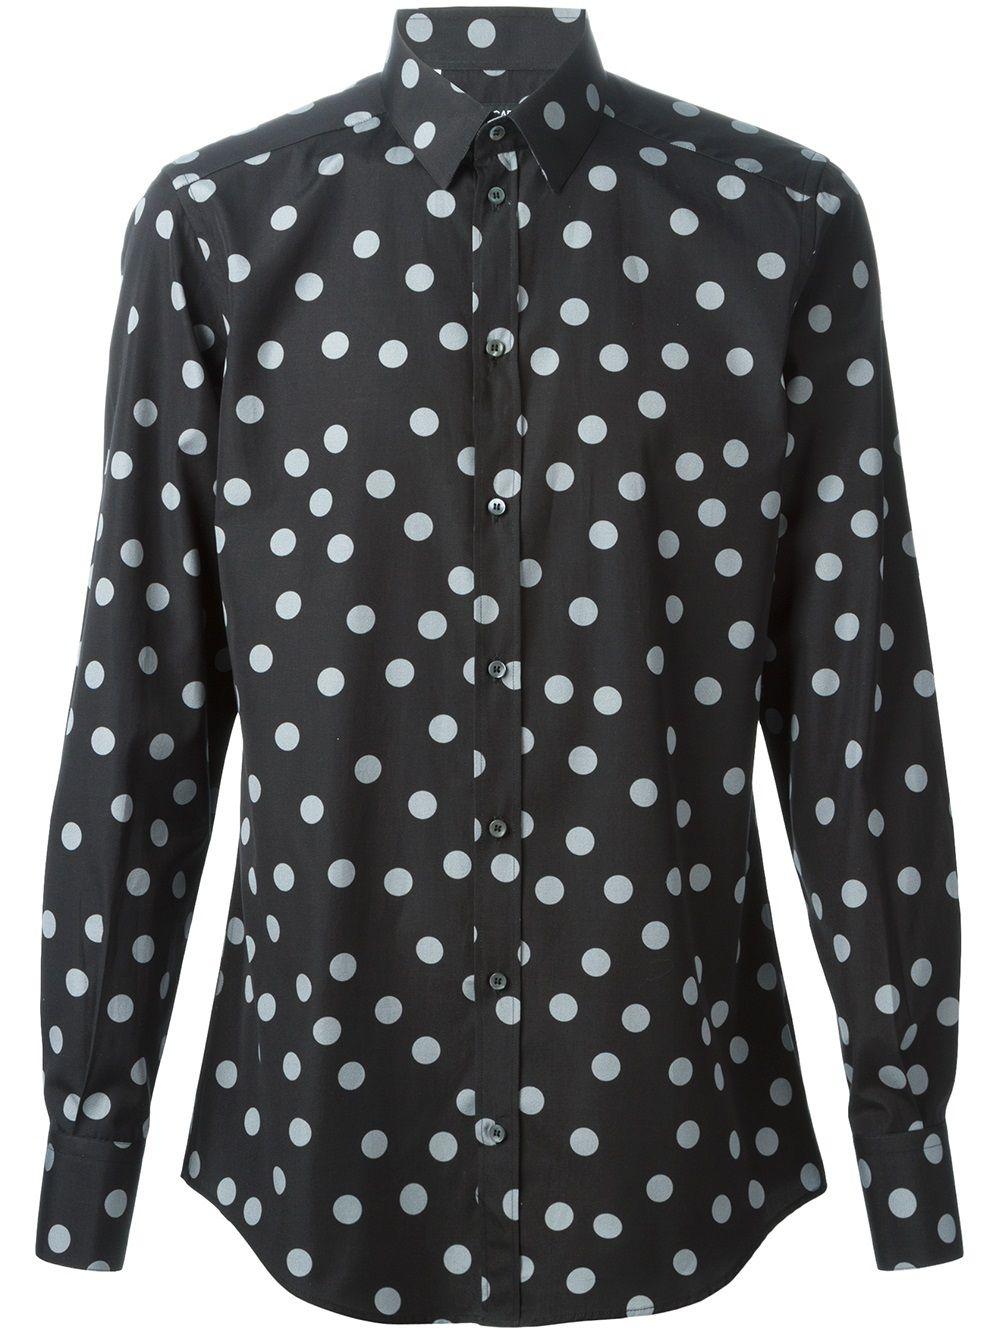 camicia nera con pois grigi in cotone DOLCE & GABBANA | Camicie | G5CP0T-FS5Q8NERO-GRIGIO